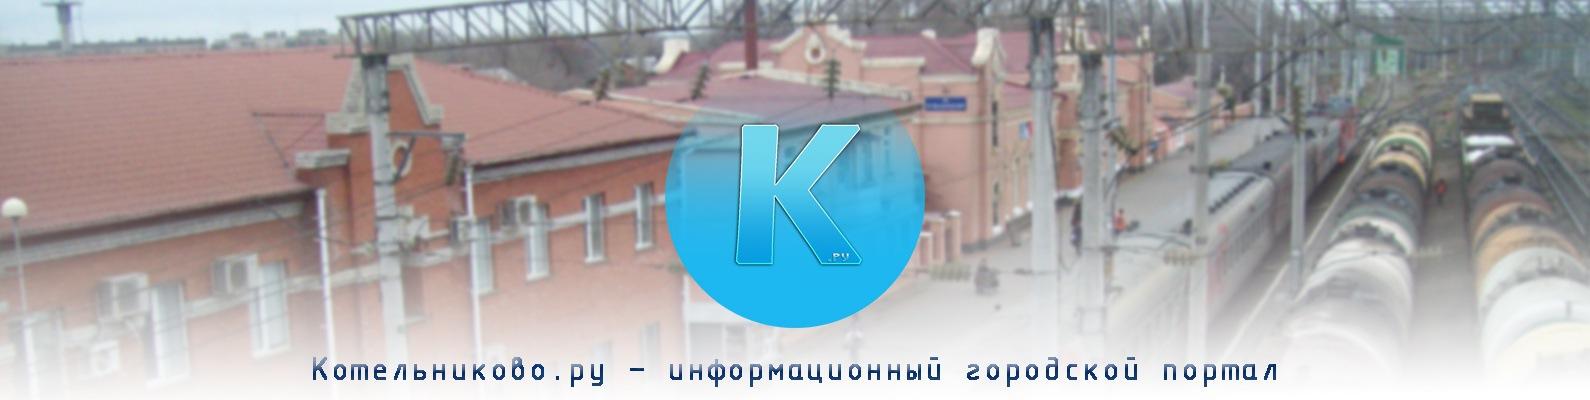 Котельниковский рынок, бесплатное объявление объявления услуги грузоперевозок в орехово зуево